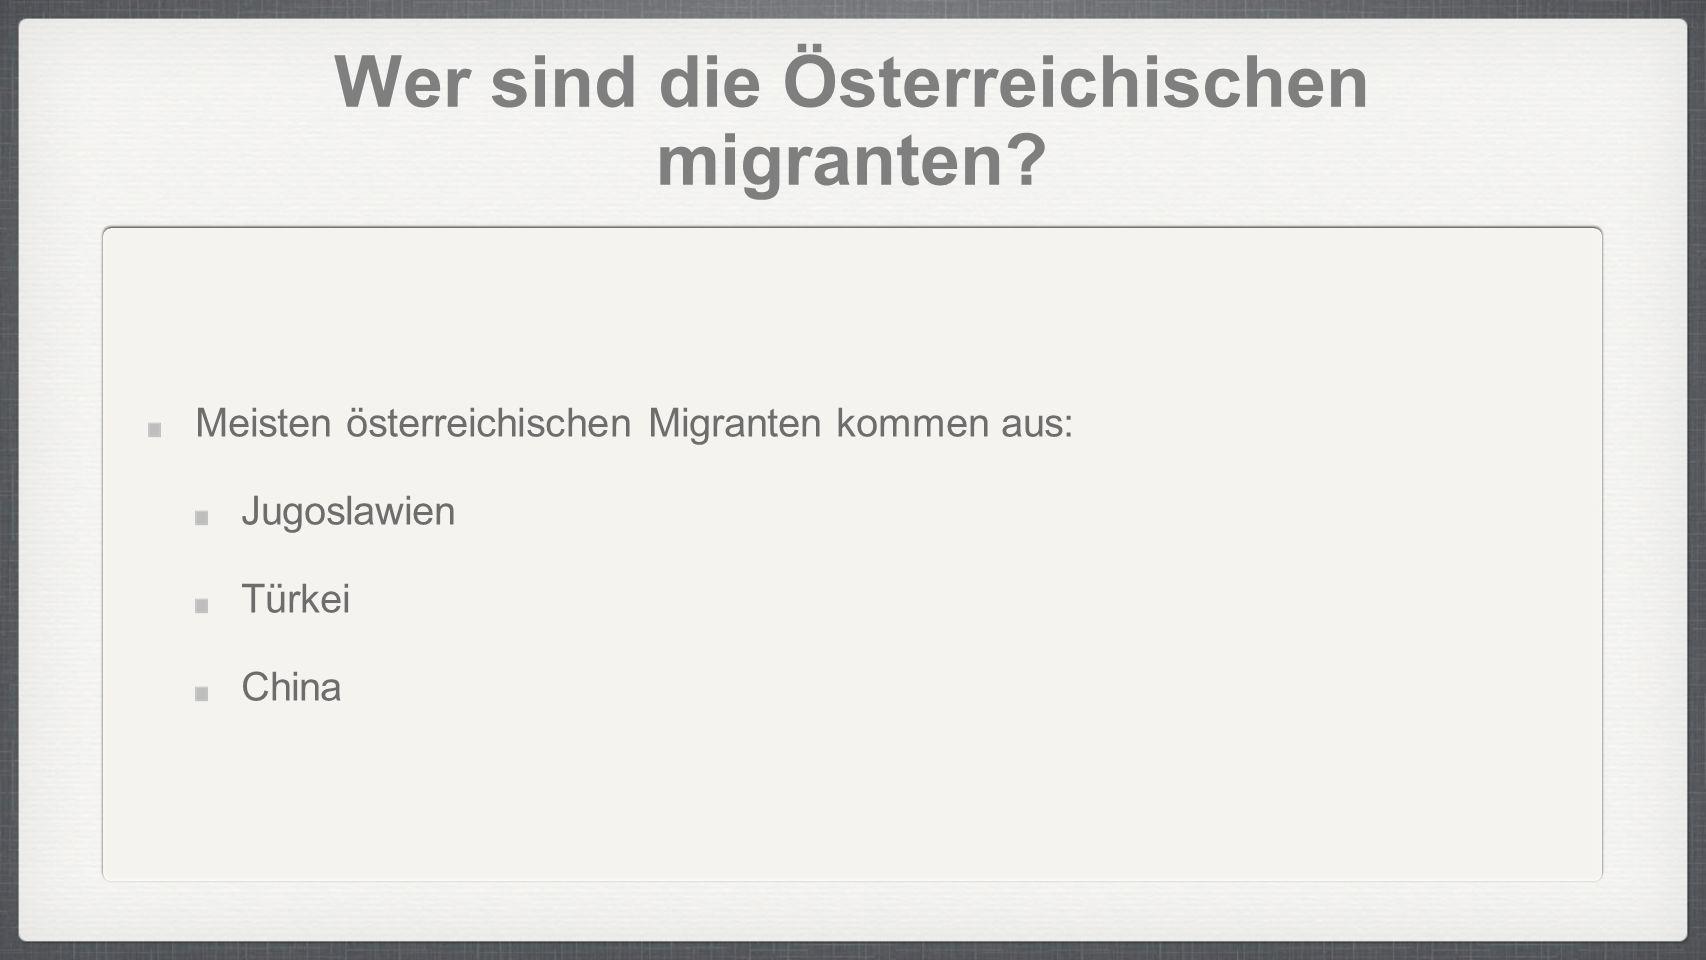 Wer sind die Österreichischen migranten? Meisten österreichischen Migranten kommen aus: Jugoslawien Türkei China